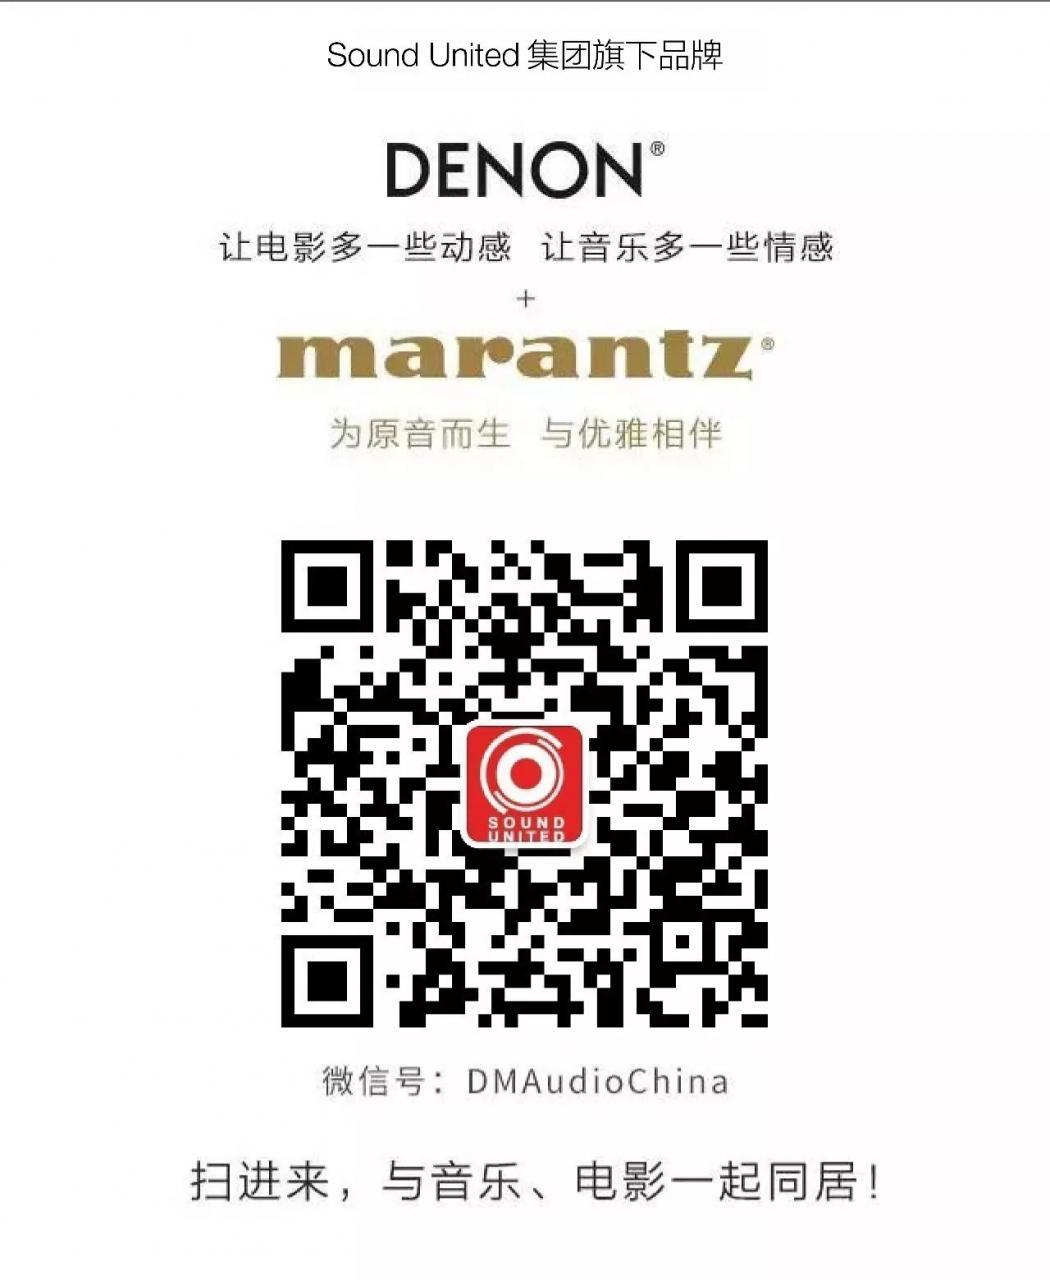 新品试用 | 进阶级环绕声新宠儿:Denon天龙AVR-X4400H